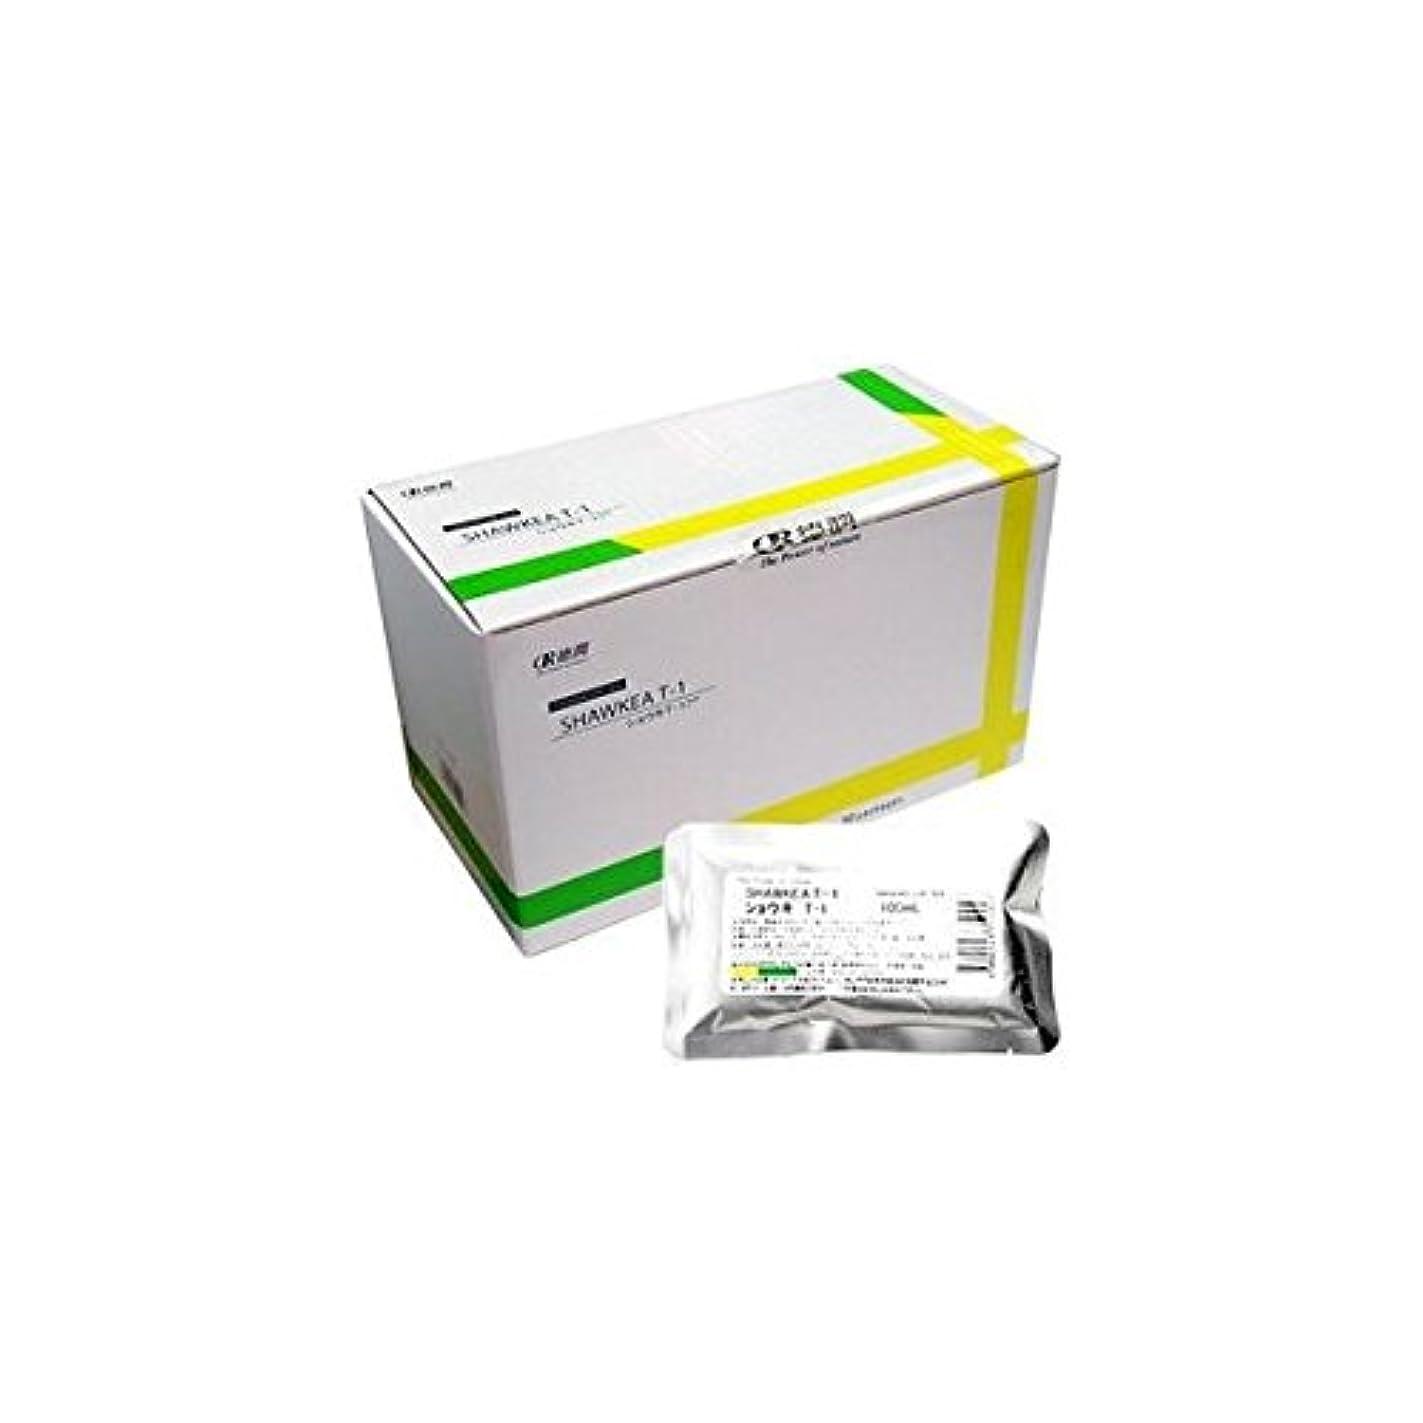 インカ帝国ナイロンアサー【P&G】ウエラトーン ツープラスワン(2+1) クリーム 5G(60g+60gl+7.3ml) (医薬部外品)(お買い得3個セット)